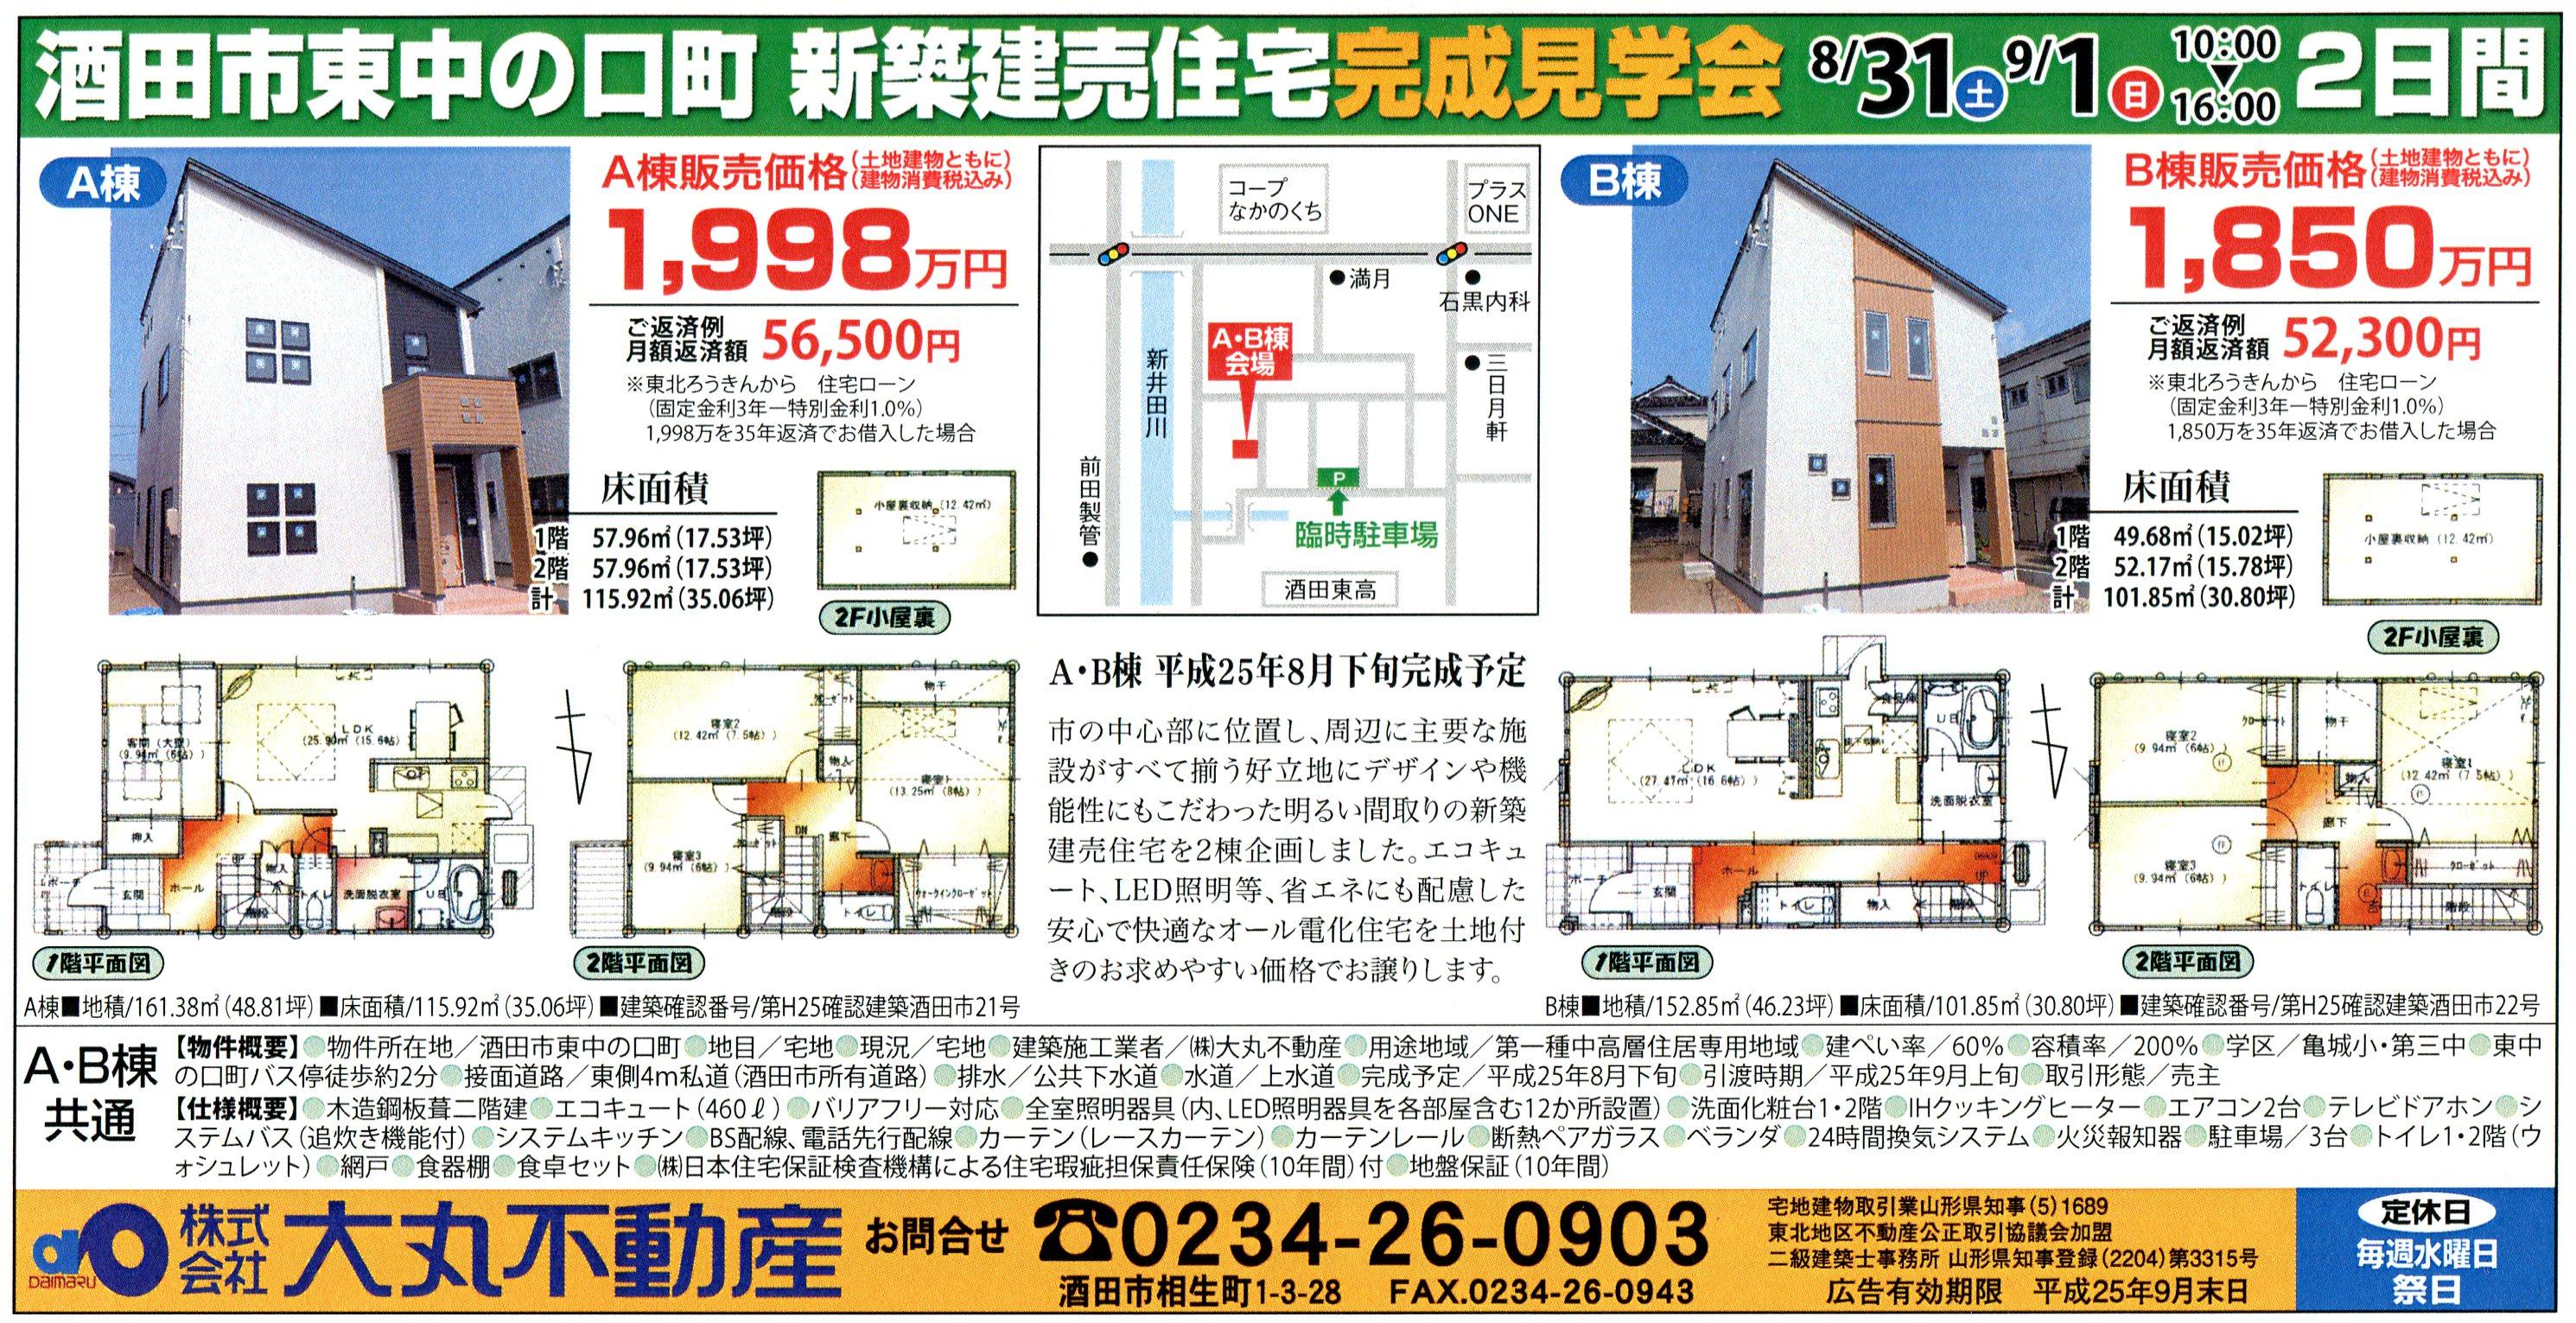 新築建売住宅完成見学会のお知らせ:画像